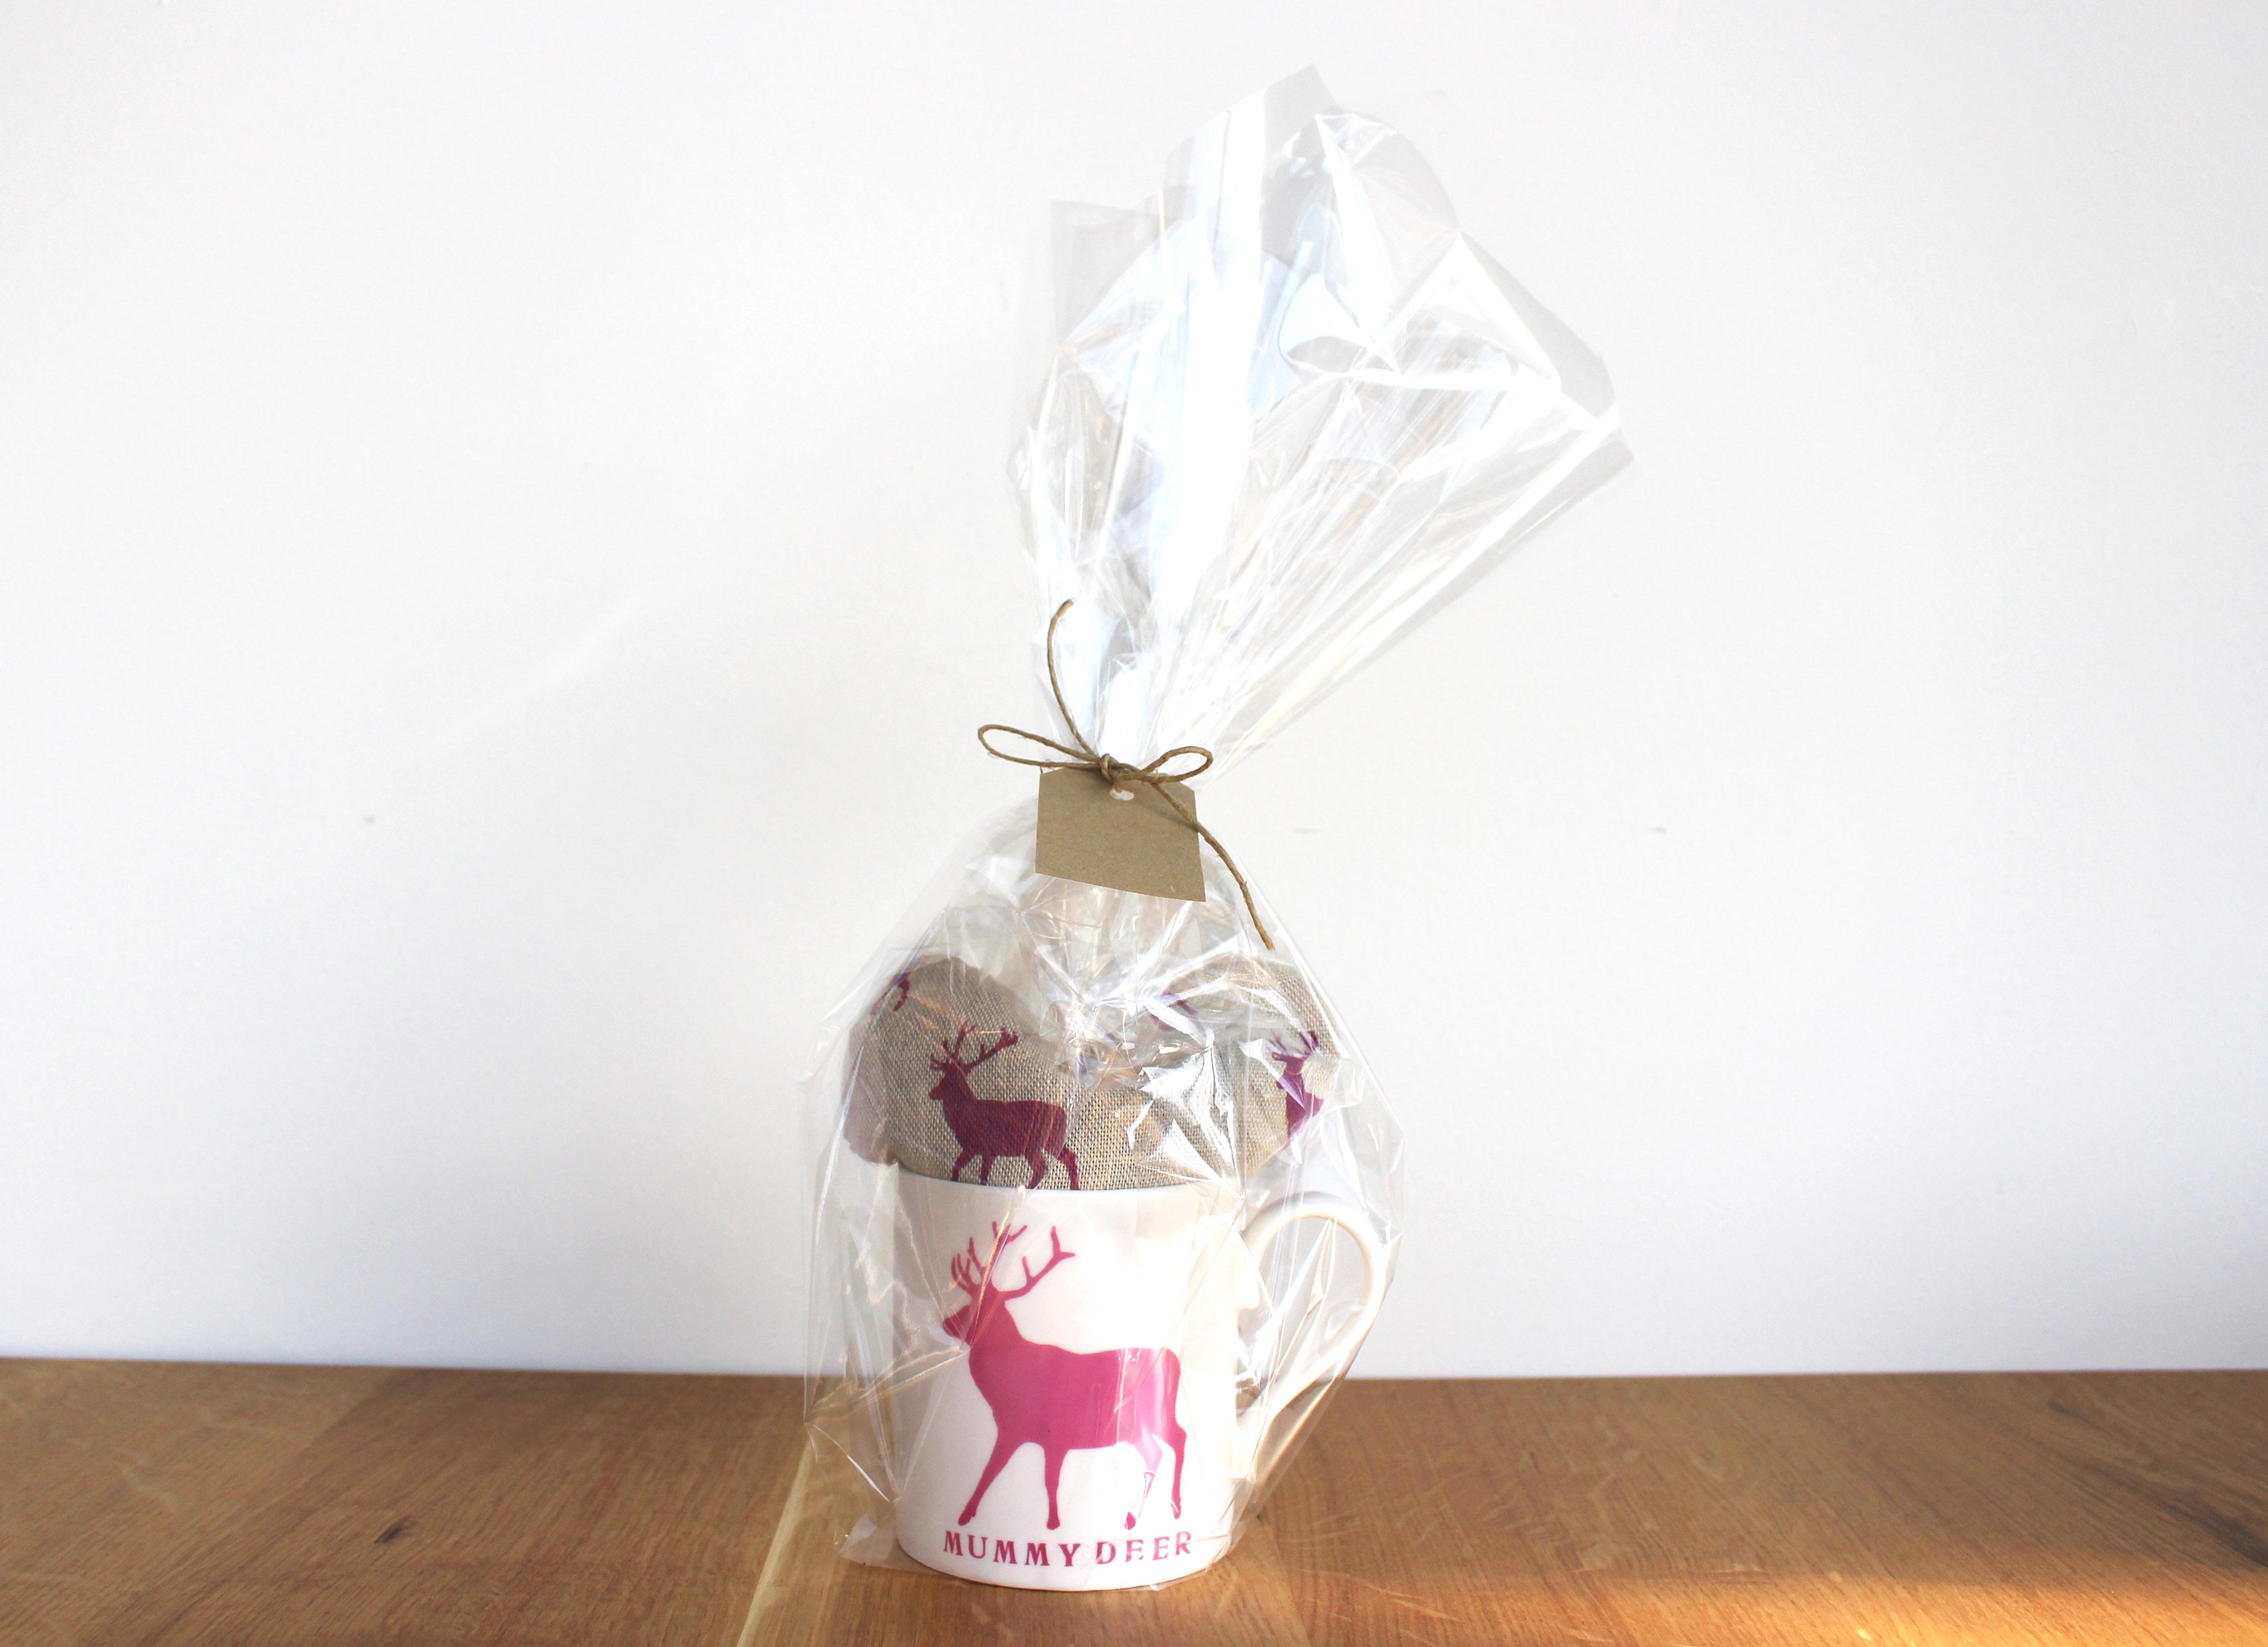 mummy deer mug & heart